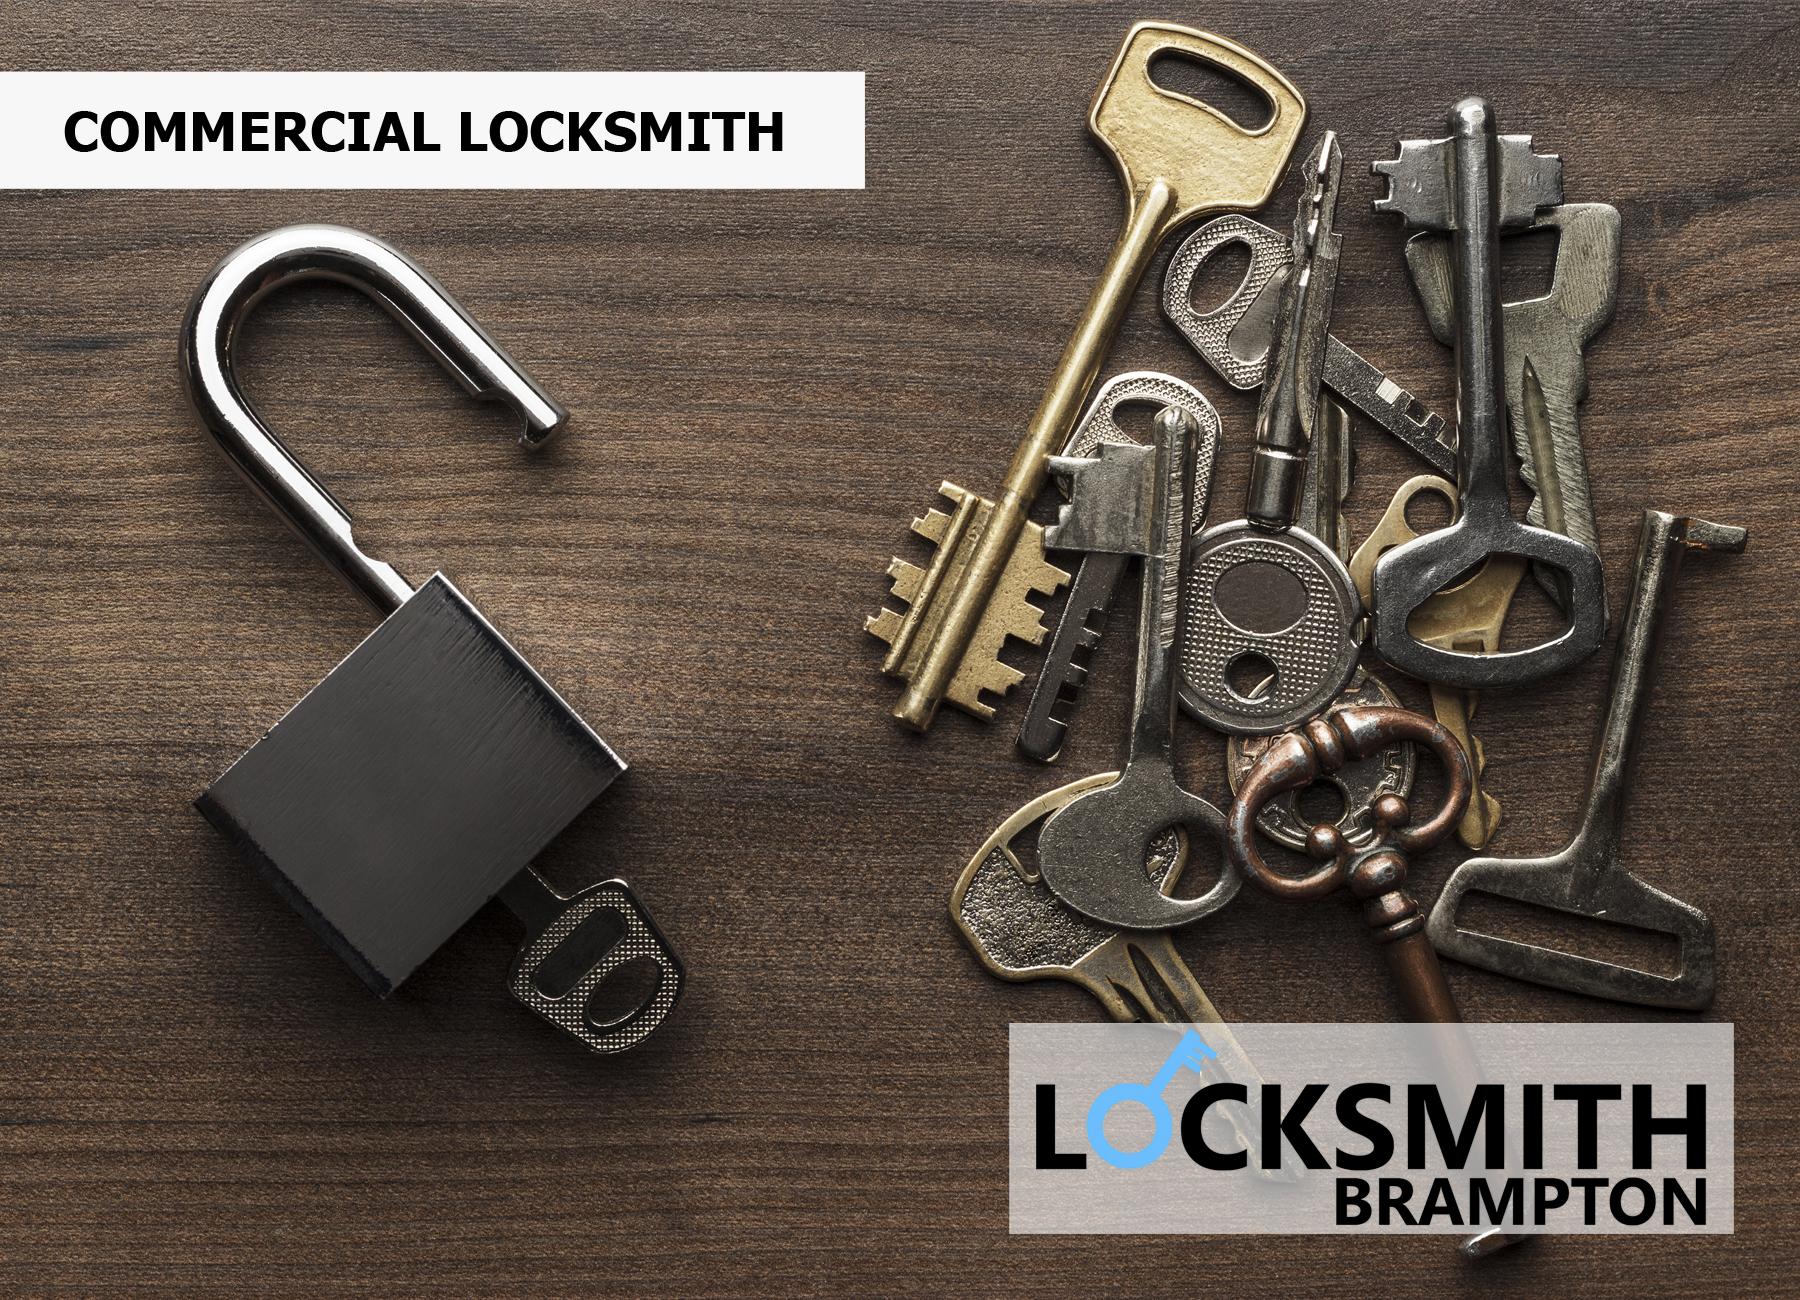 COMMERCIALS LOCKSMITH